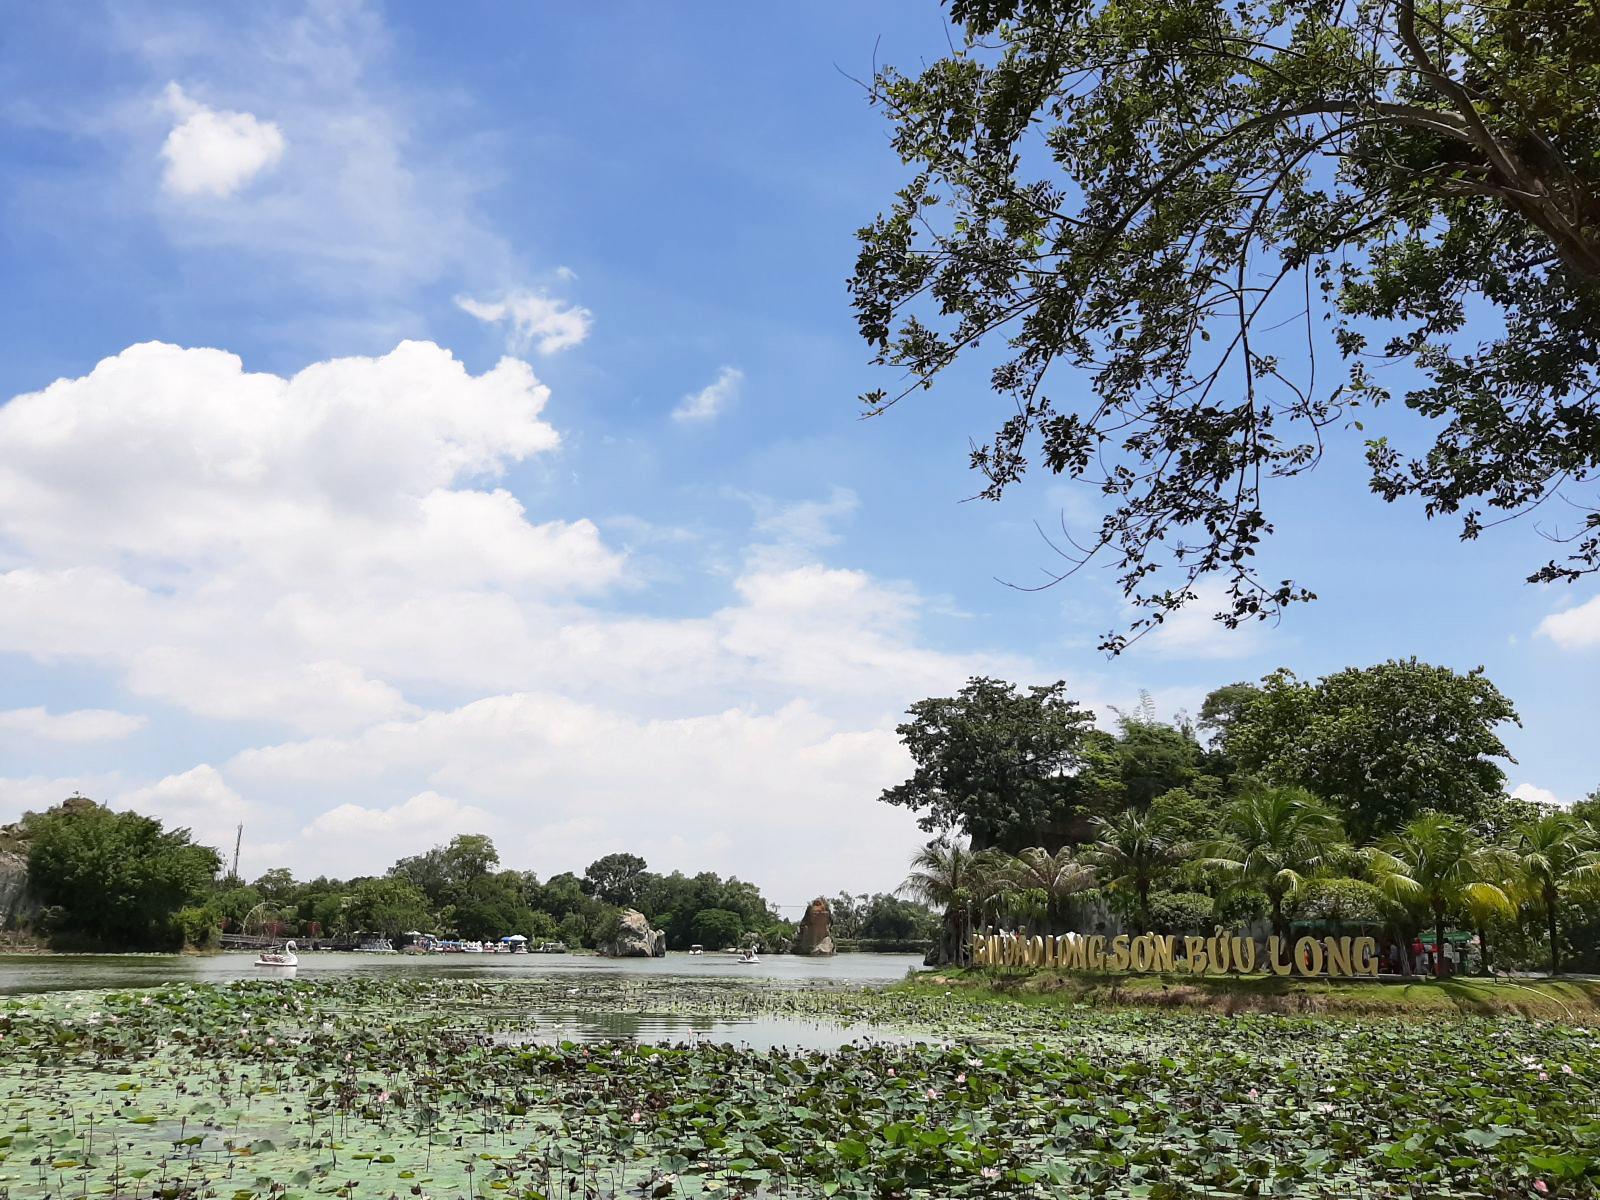 Bán đảo Long Sơn Bửu Long là điểm nhấn tuyệt vời của quần thể kiến trúc Bửu Long.